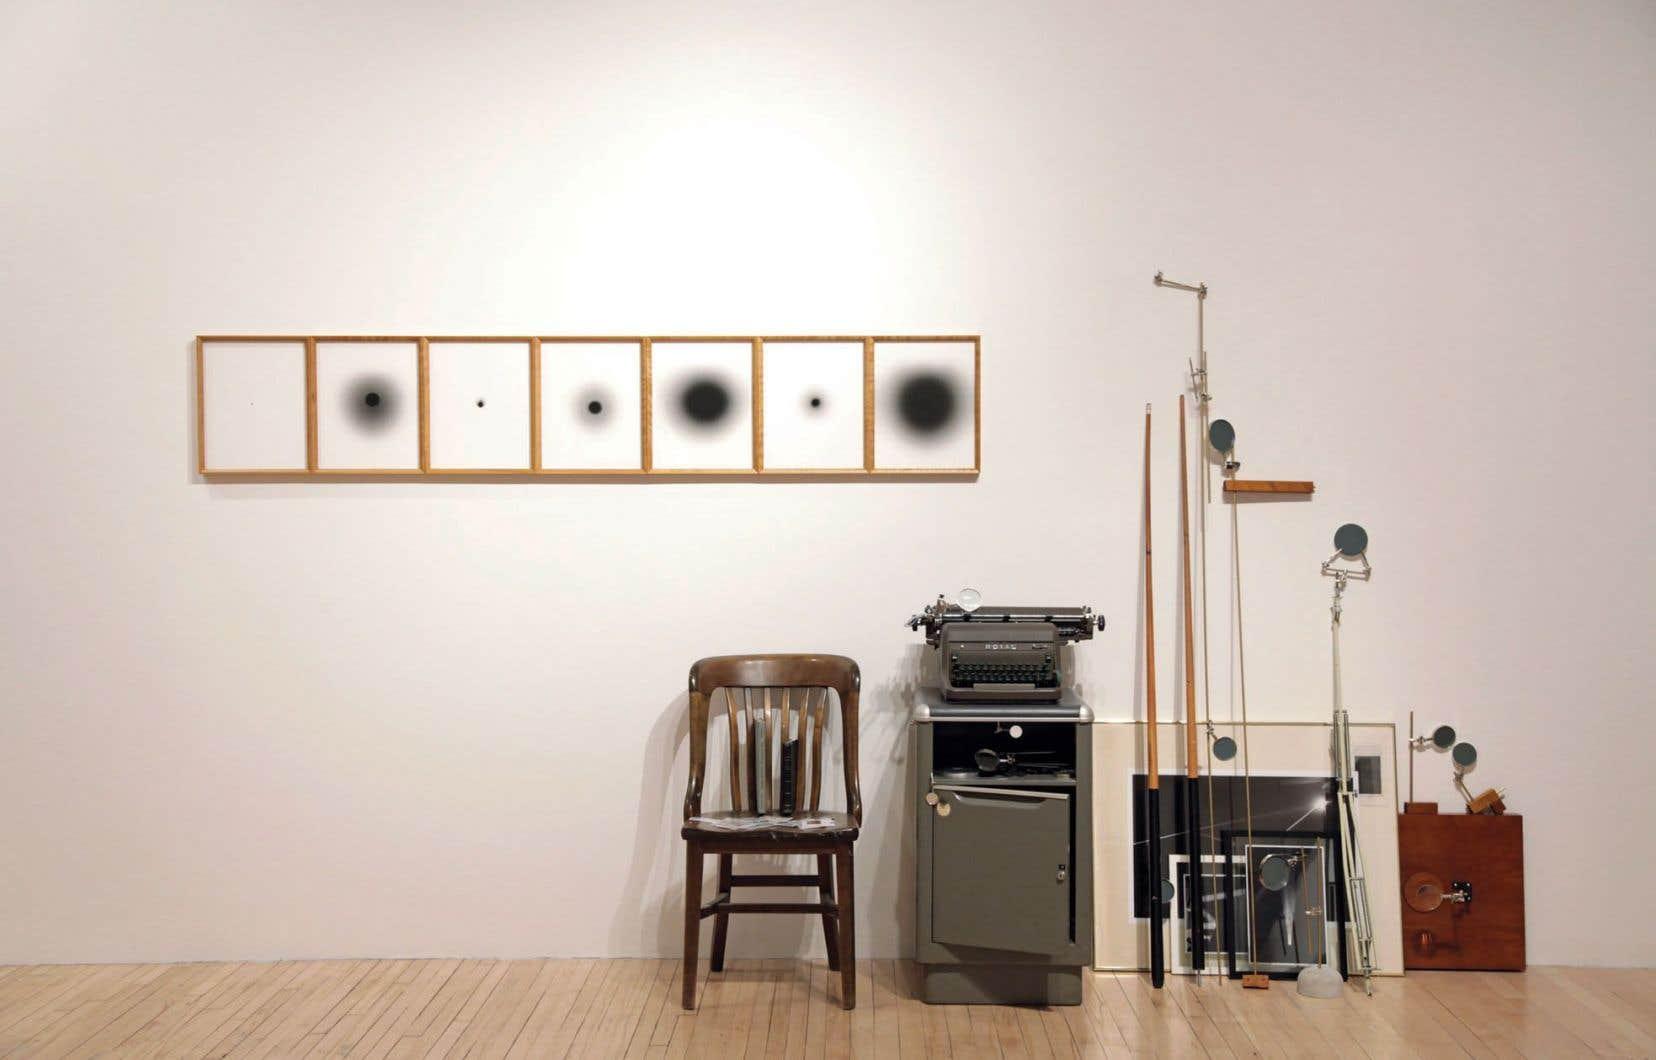 Vue de l'œuvre «Aphélie» dans l'exposition «Les glaciers» de Patrick Bernatchez